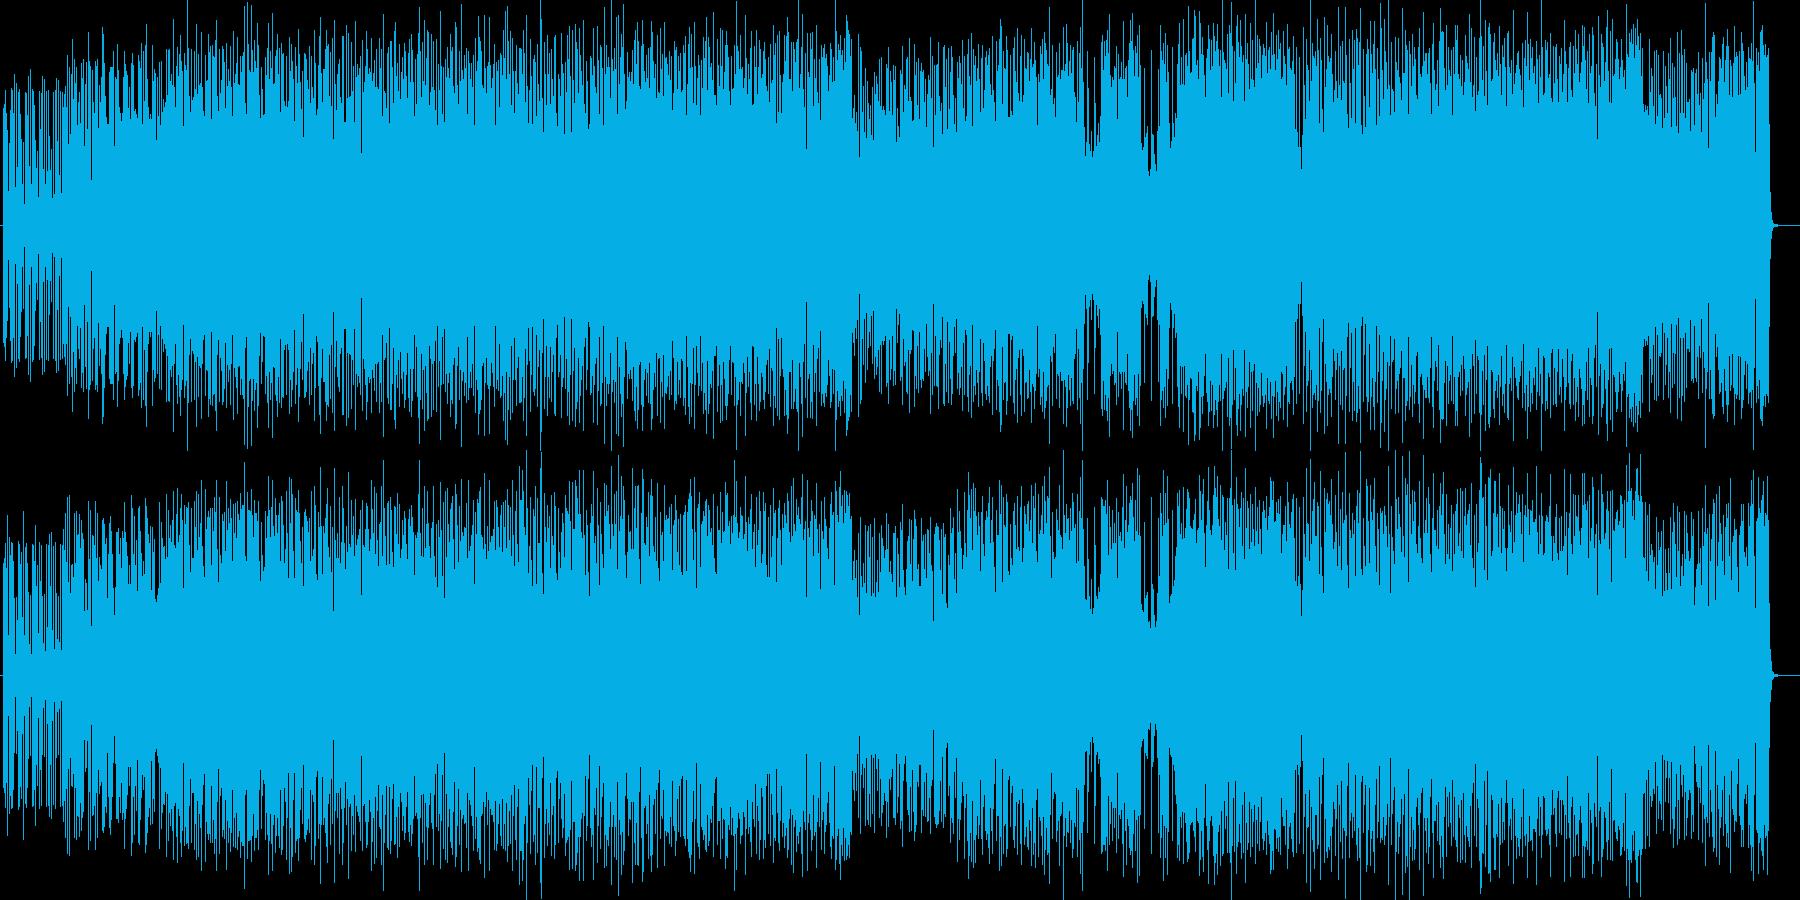 激しいギターシンセロックサウンドの再生済みの波形